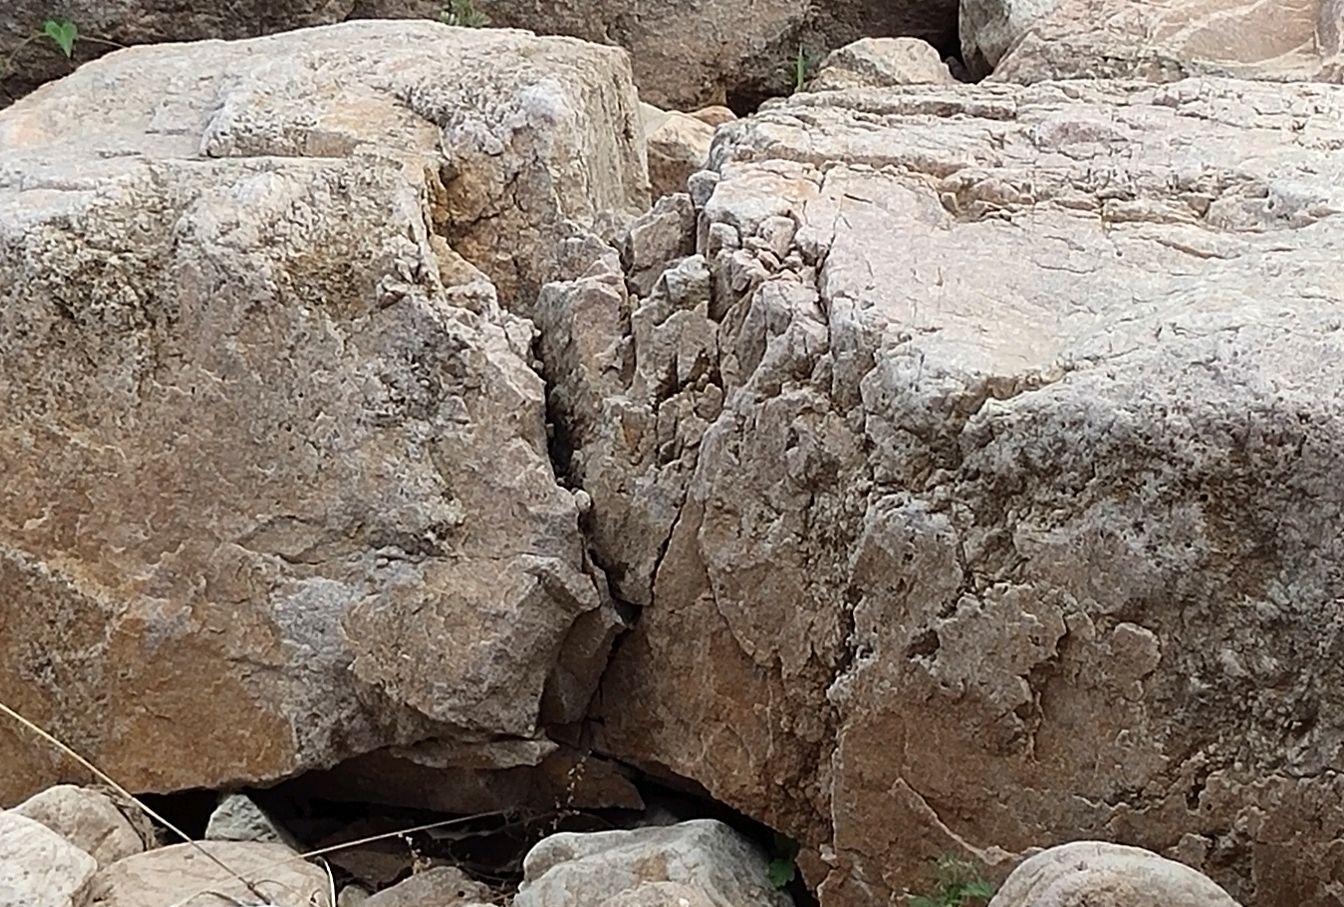 燕山画派陈克永老师笔下的石头纹理理念